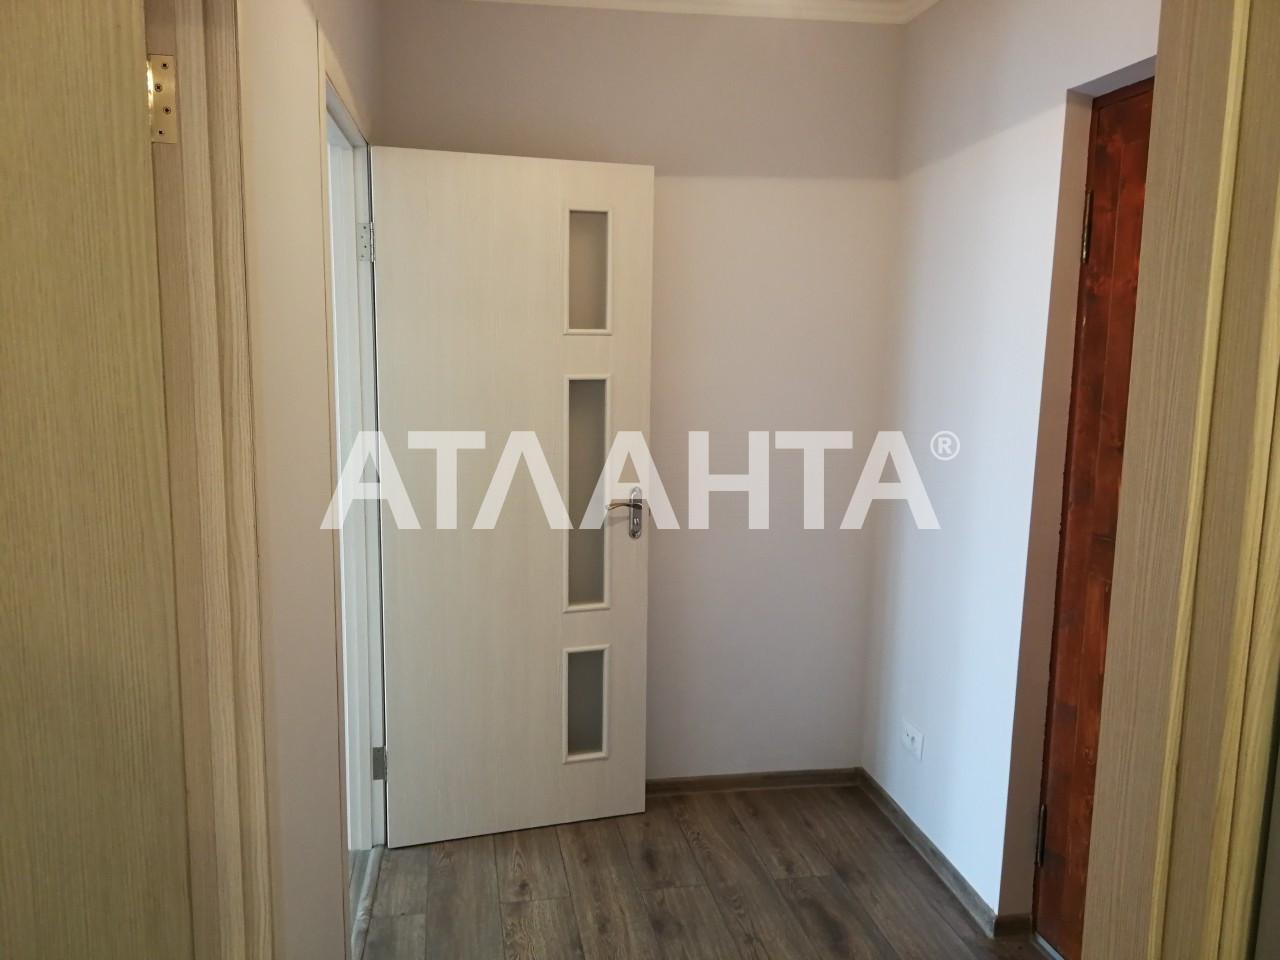 Продается 1-комнатная Квартира на ул. Ицхака Рабина — 34 000 у.е. (фото №8)